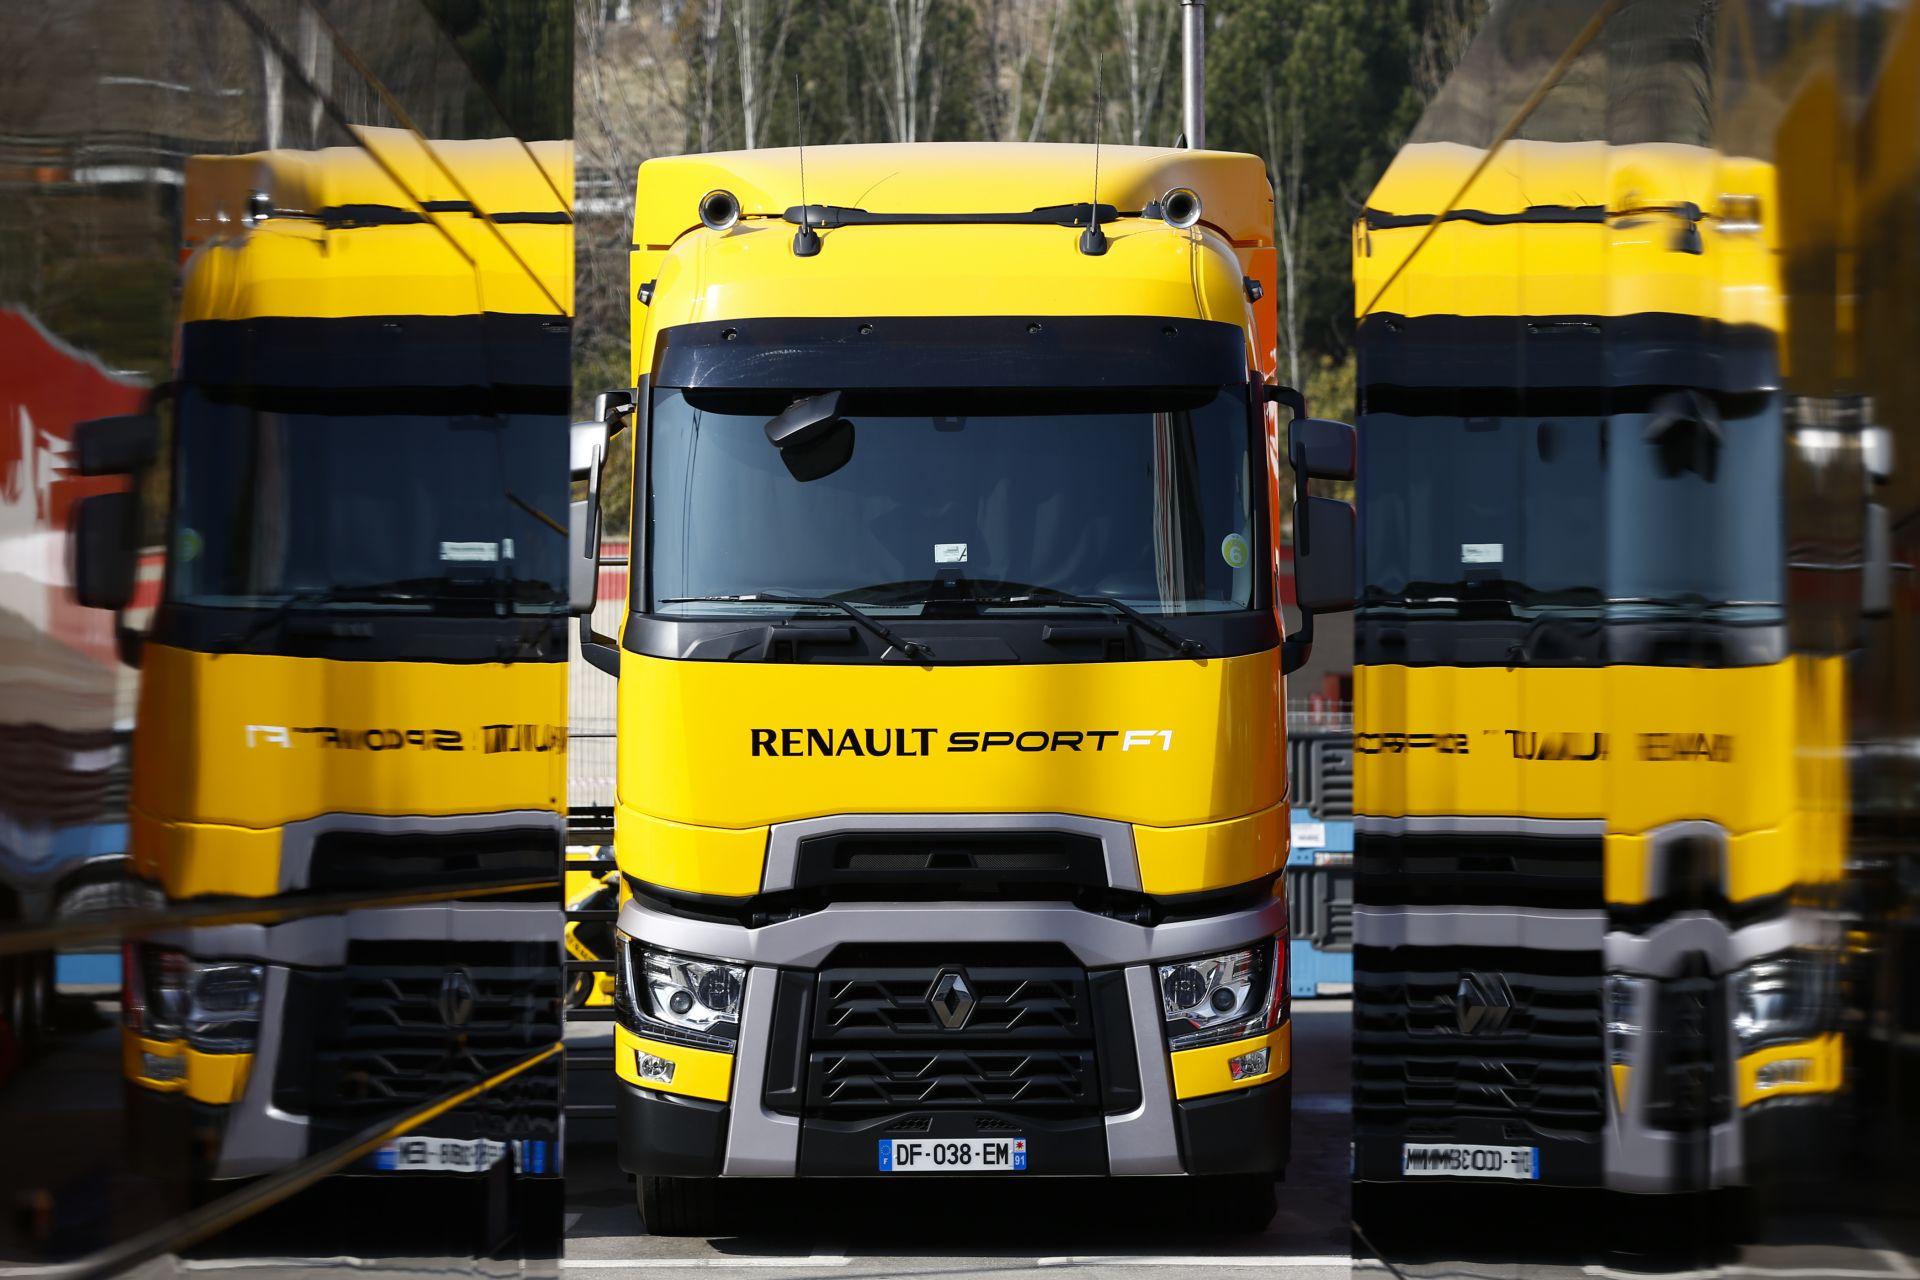 Erősebb és vezethetőbb motort ígér a Renault a Forma-1-ben: Mire megy ezzel a Red Bull és a Toro Rosso?